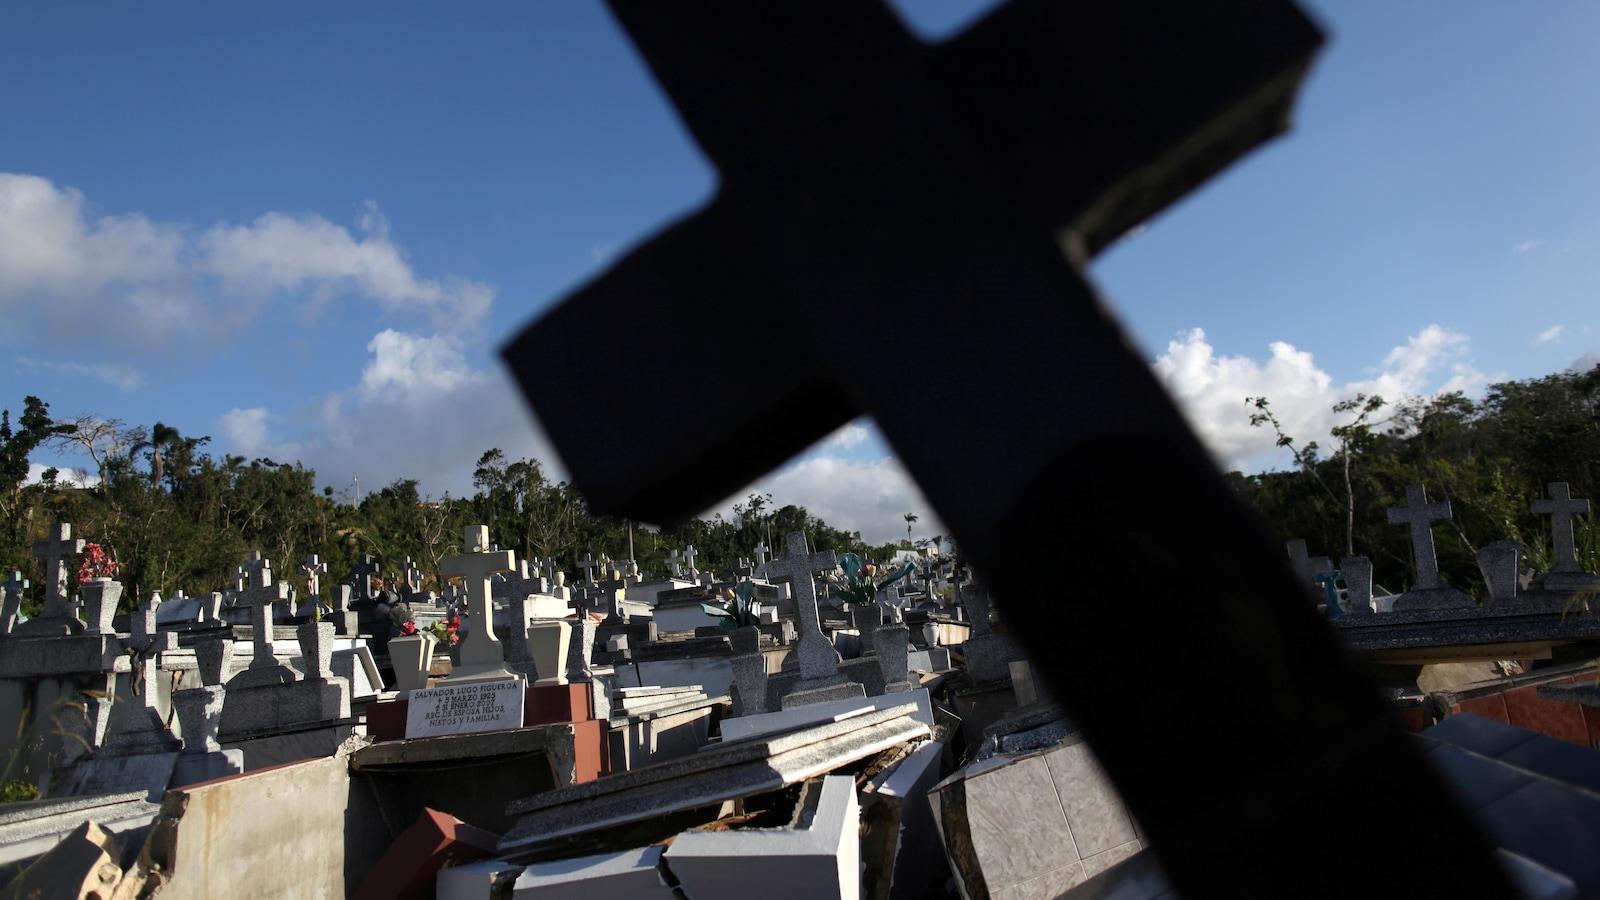 Des tombes détruites lors de l'ouragan Maria en septembre 2017 dans un cimetière de la municipalité de Lares à Porto Rico.